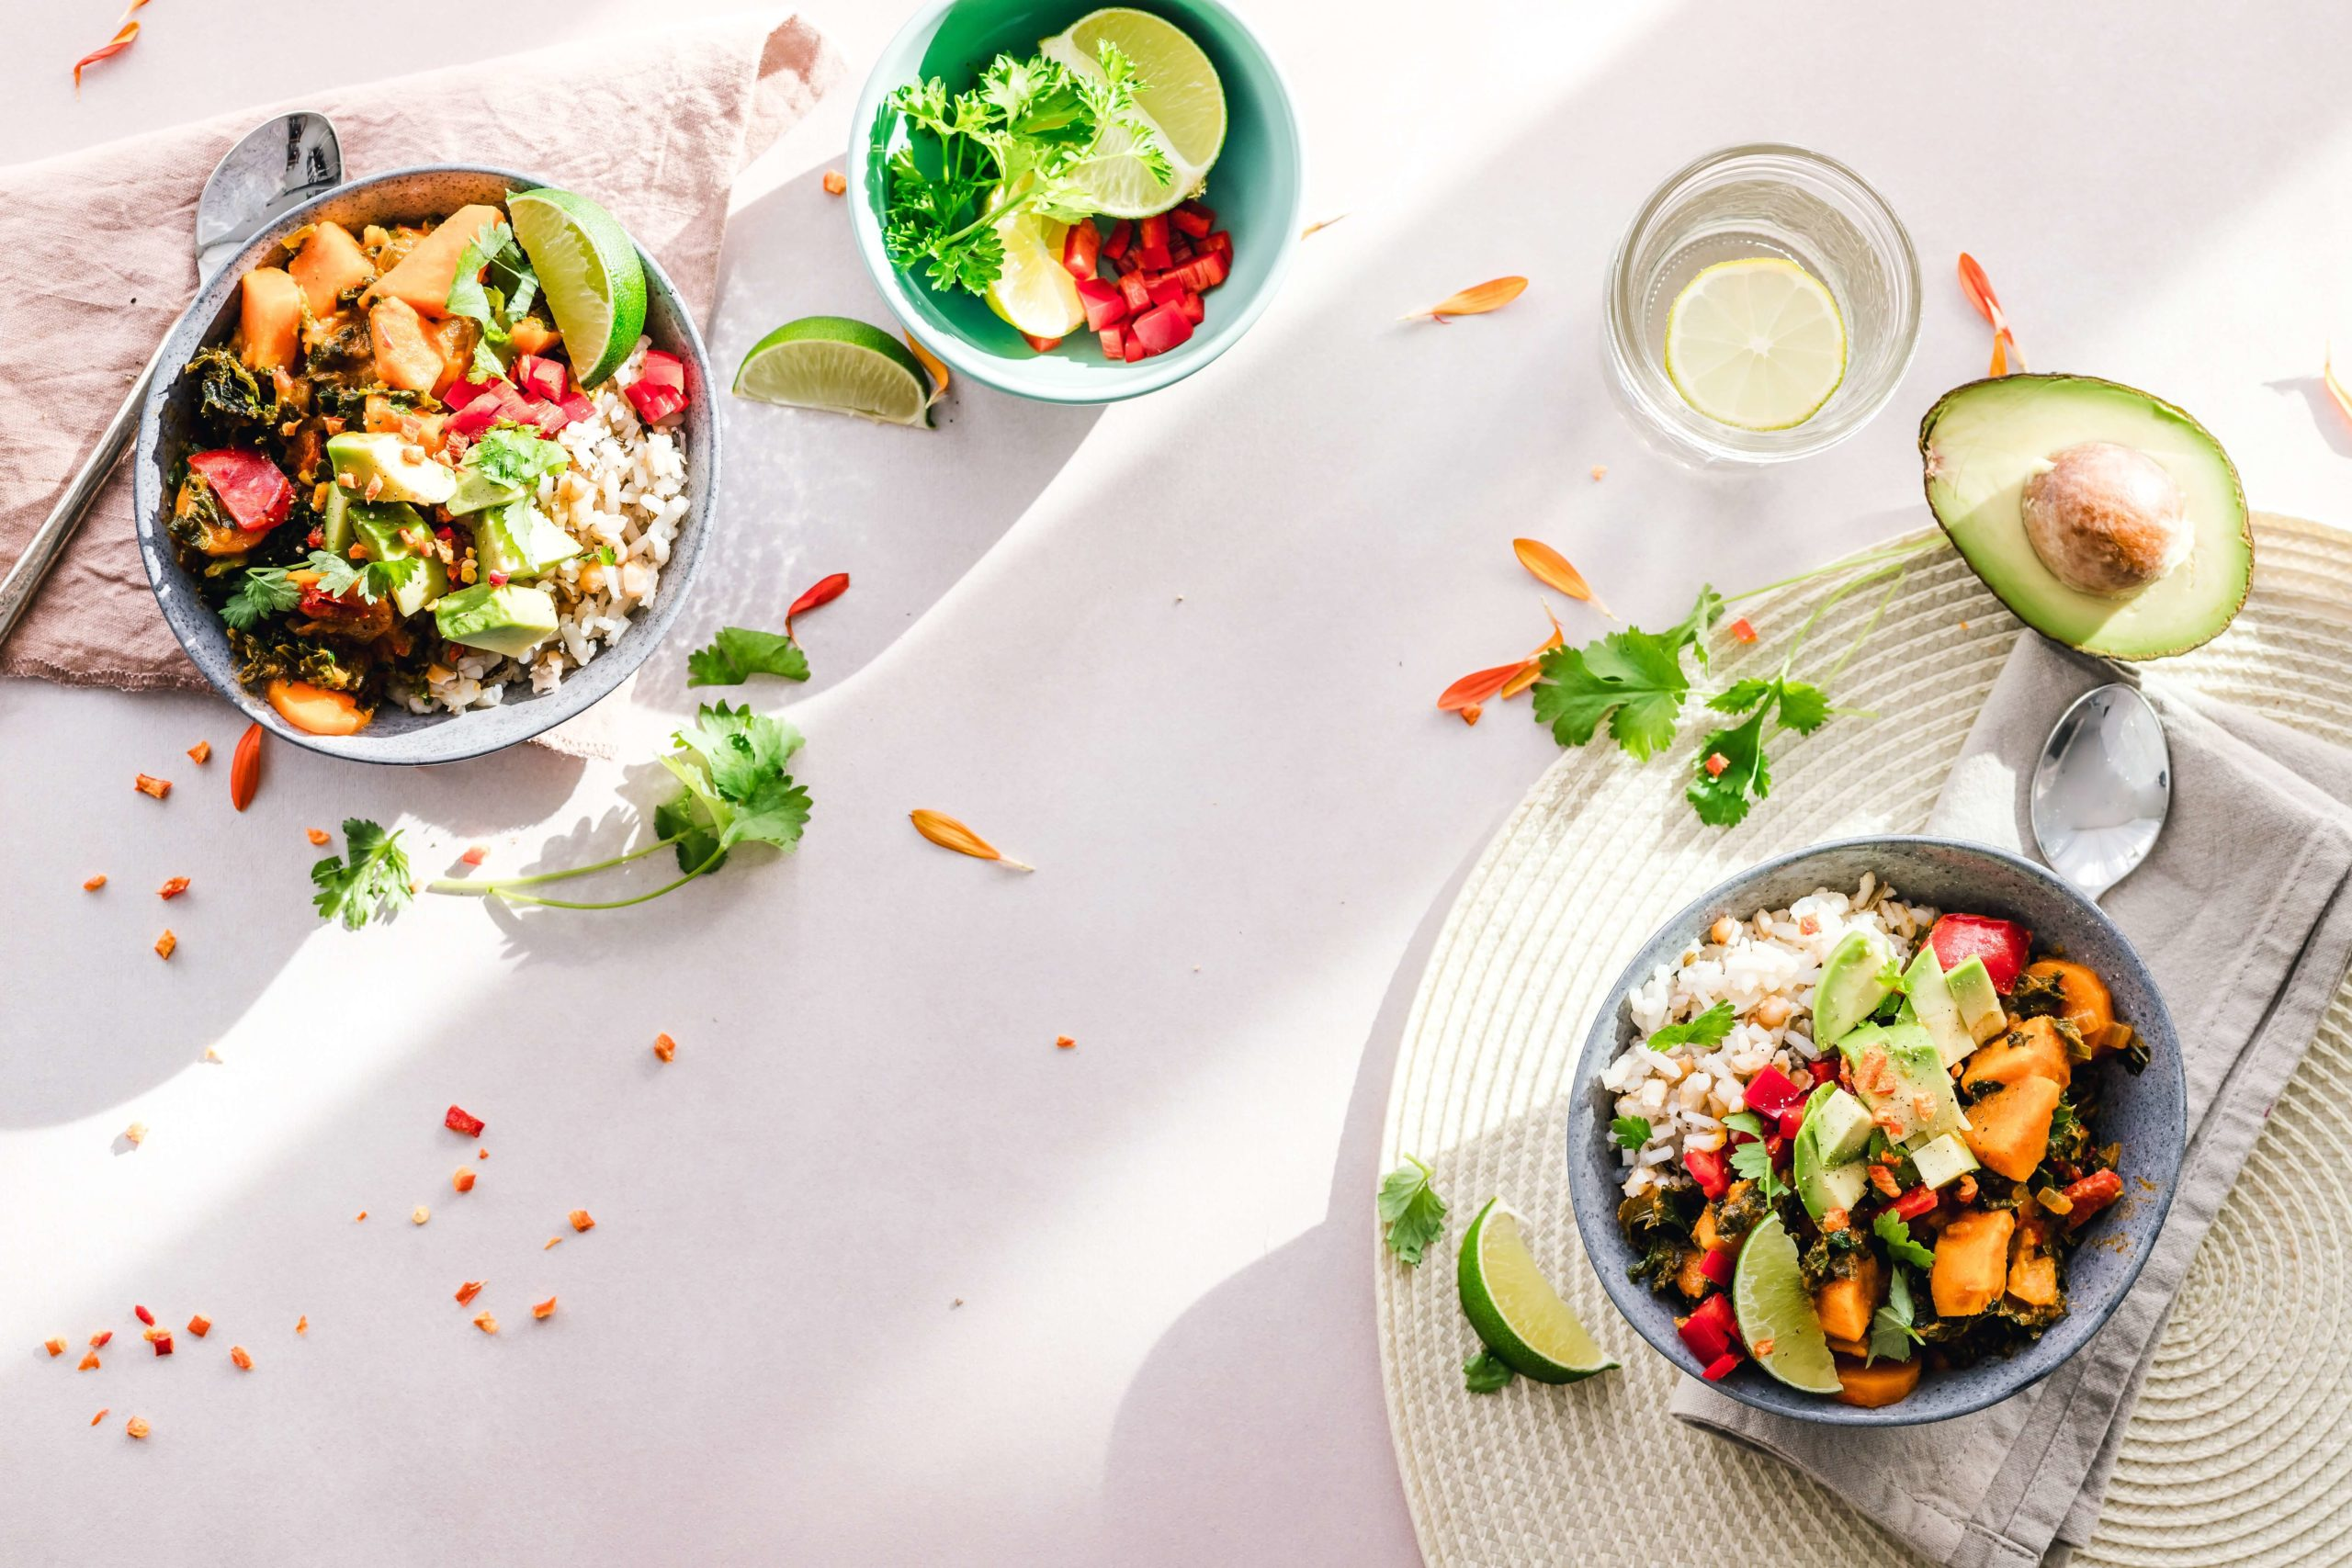 Maintain Good Gut Health